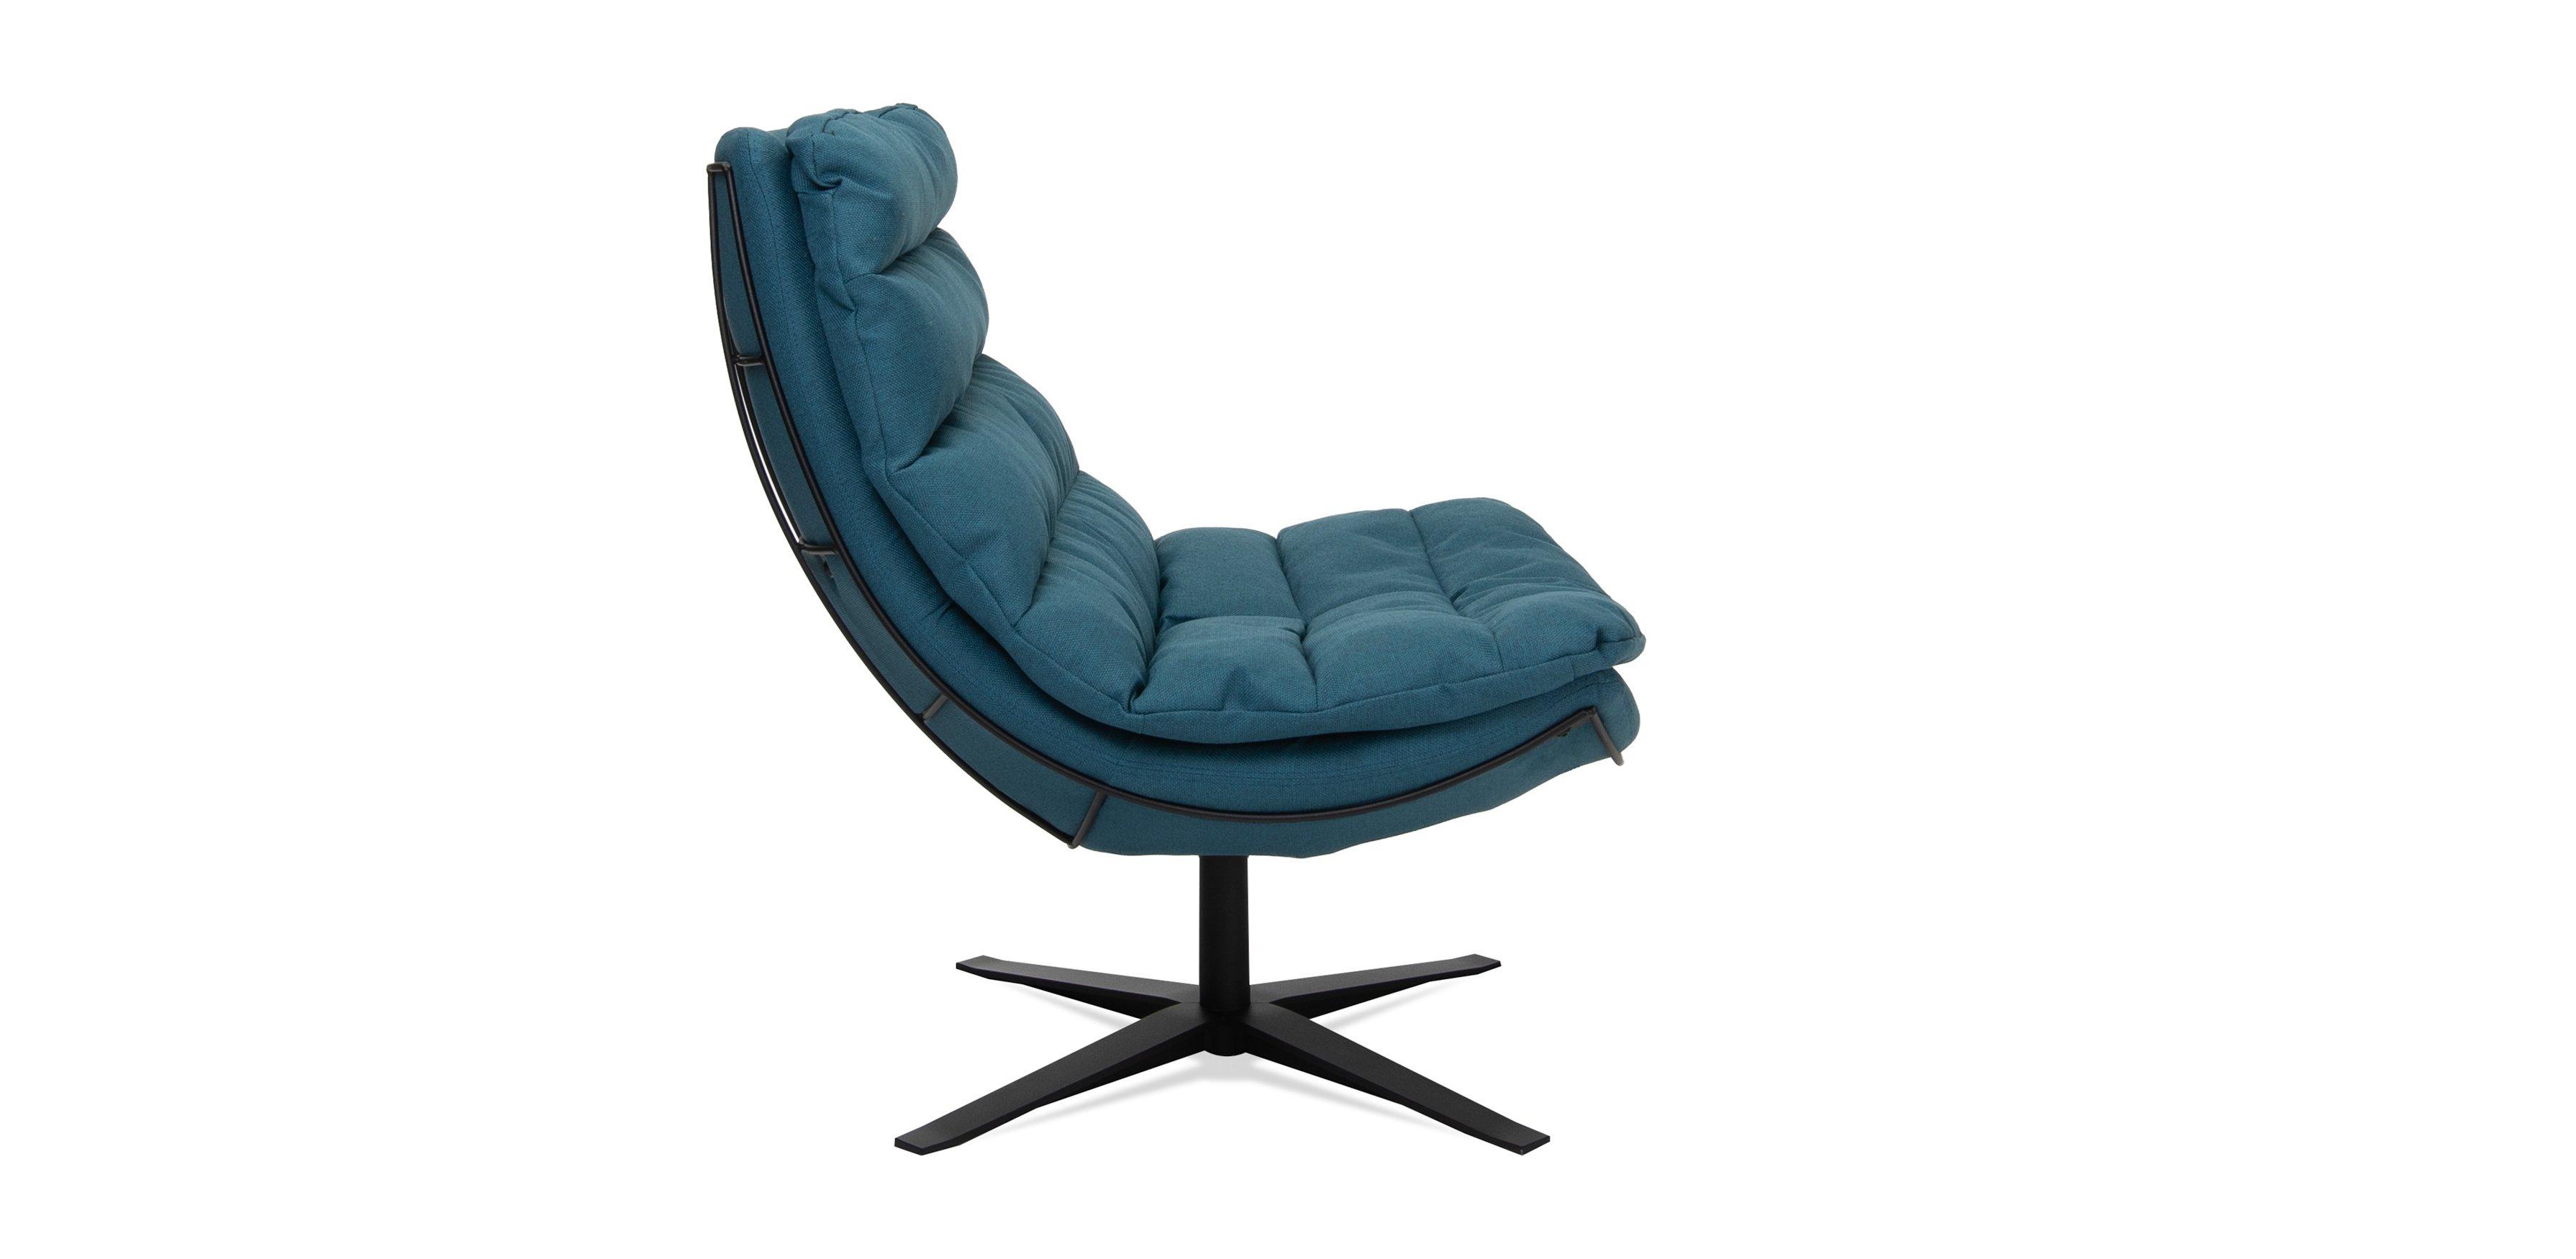 Kameraad hoog fauteuil DYYK 4